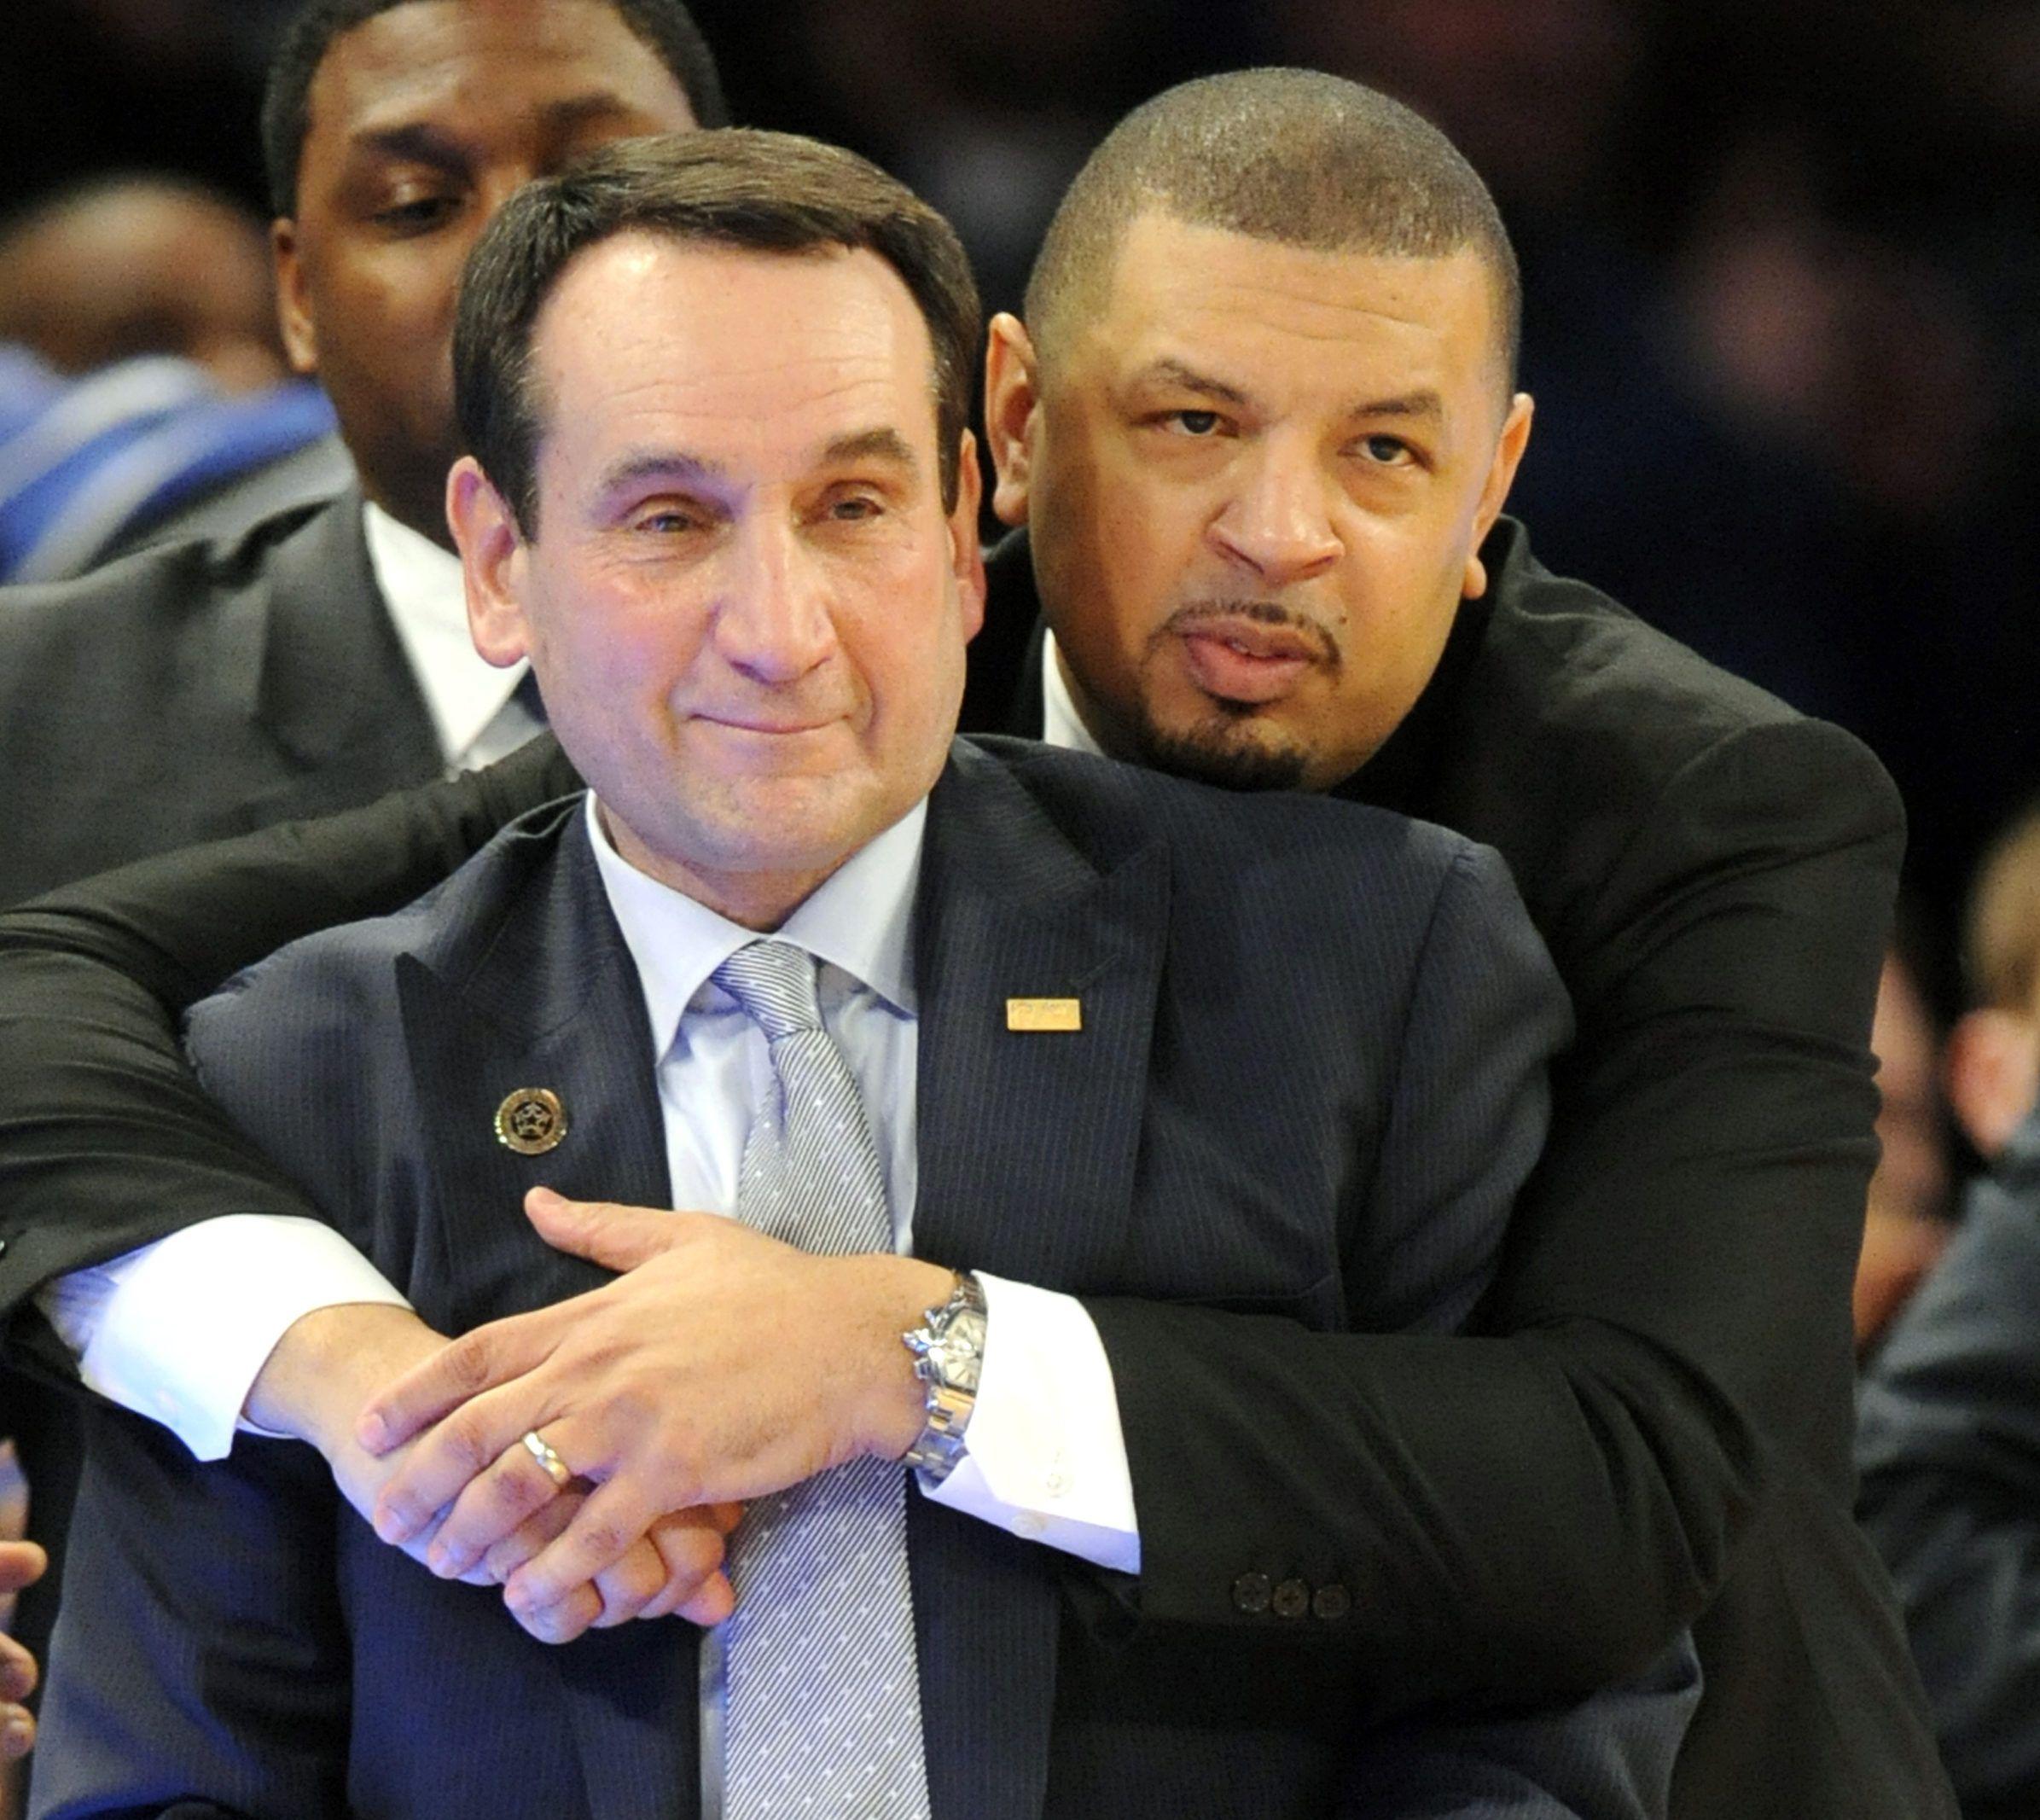 The Tree Duke basketball coach, Mike krzyzewski, Coach k